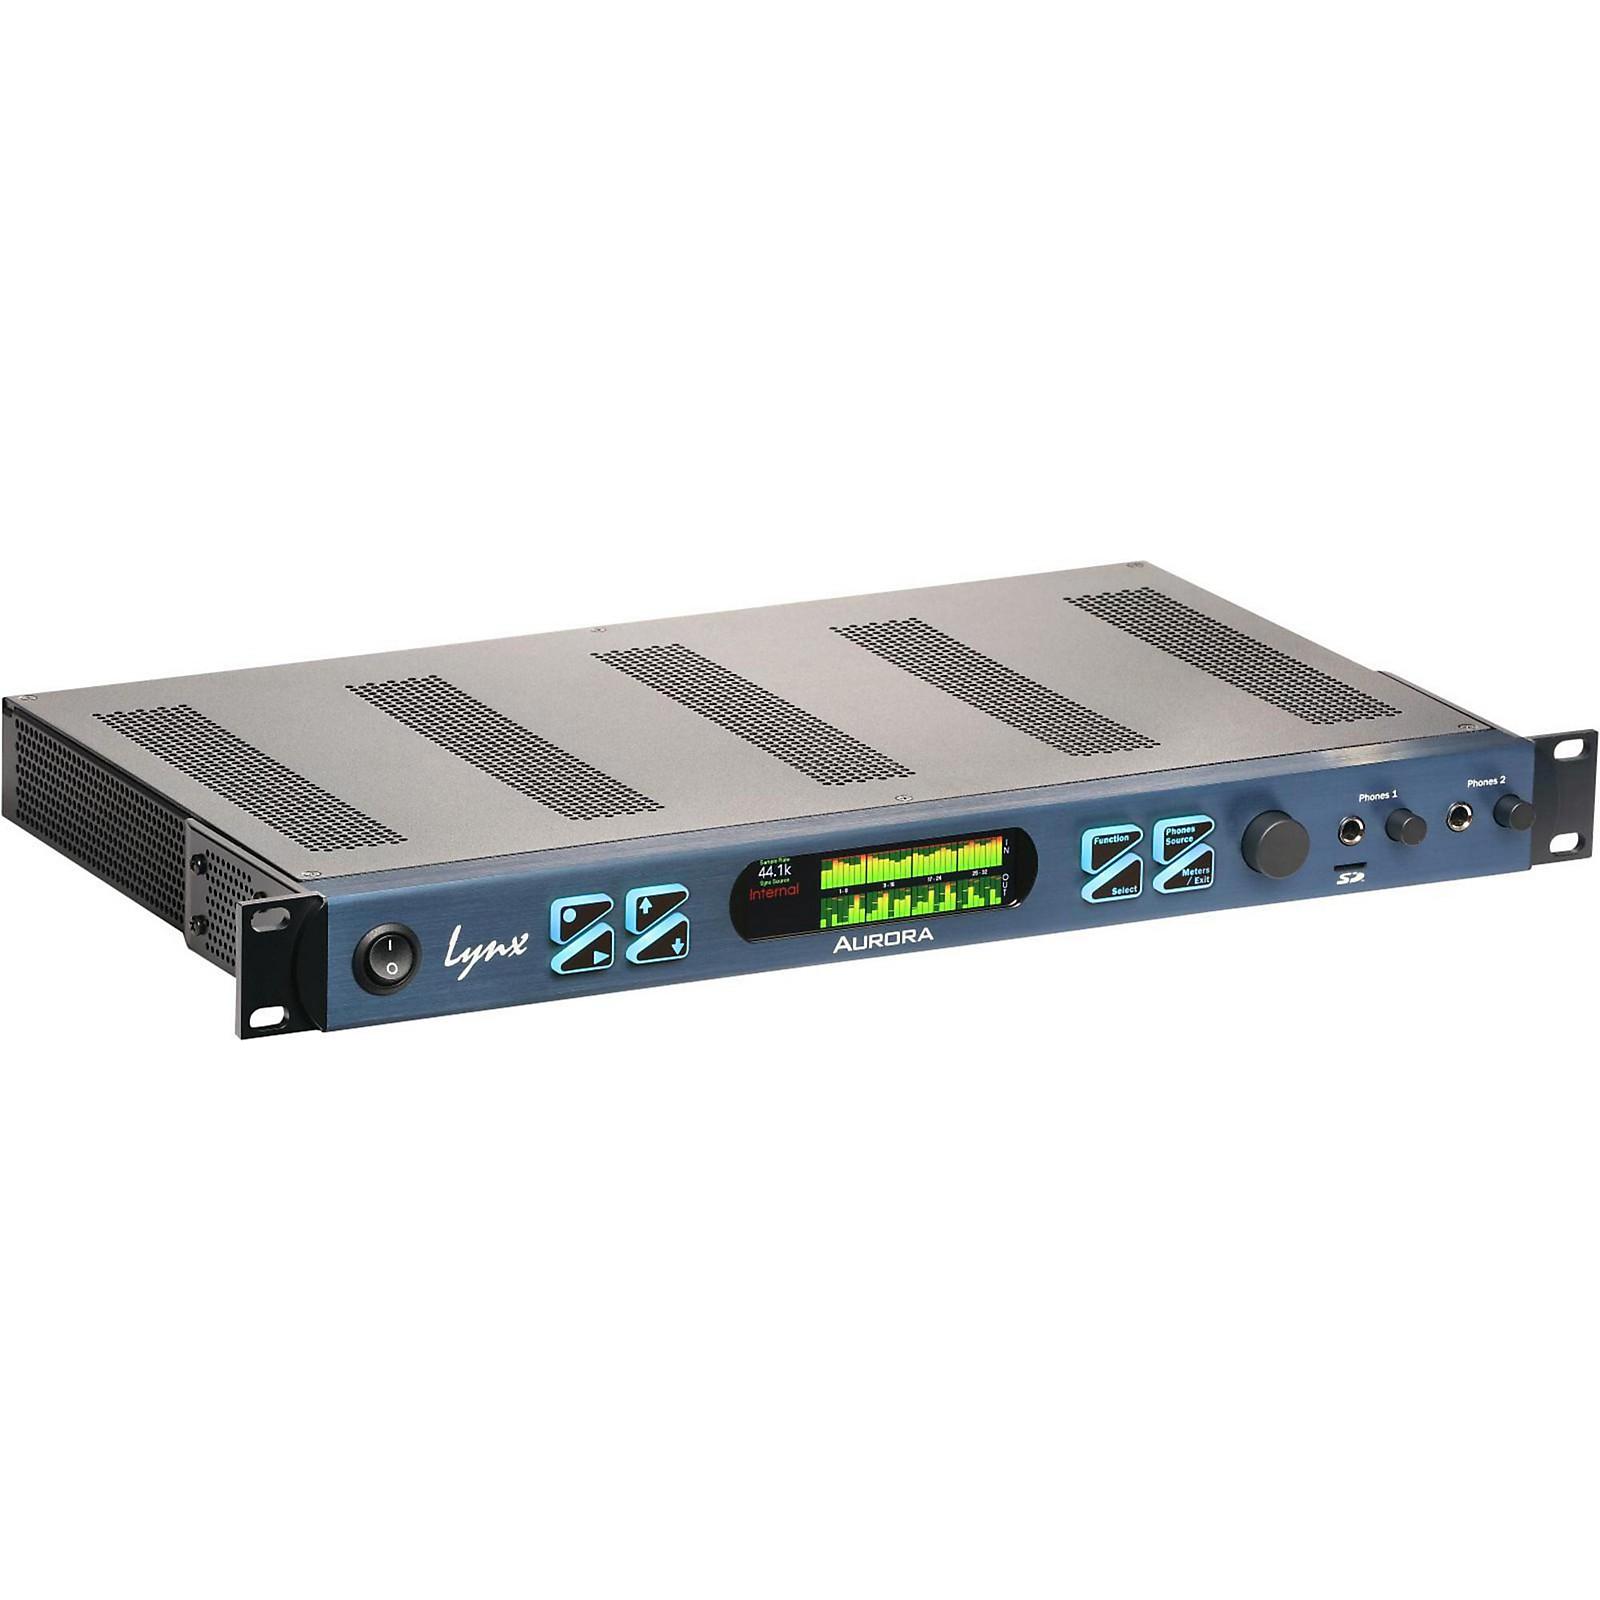 Lynx Aurora(n) 32 Dante Audio Interface